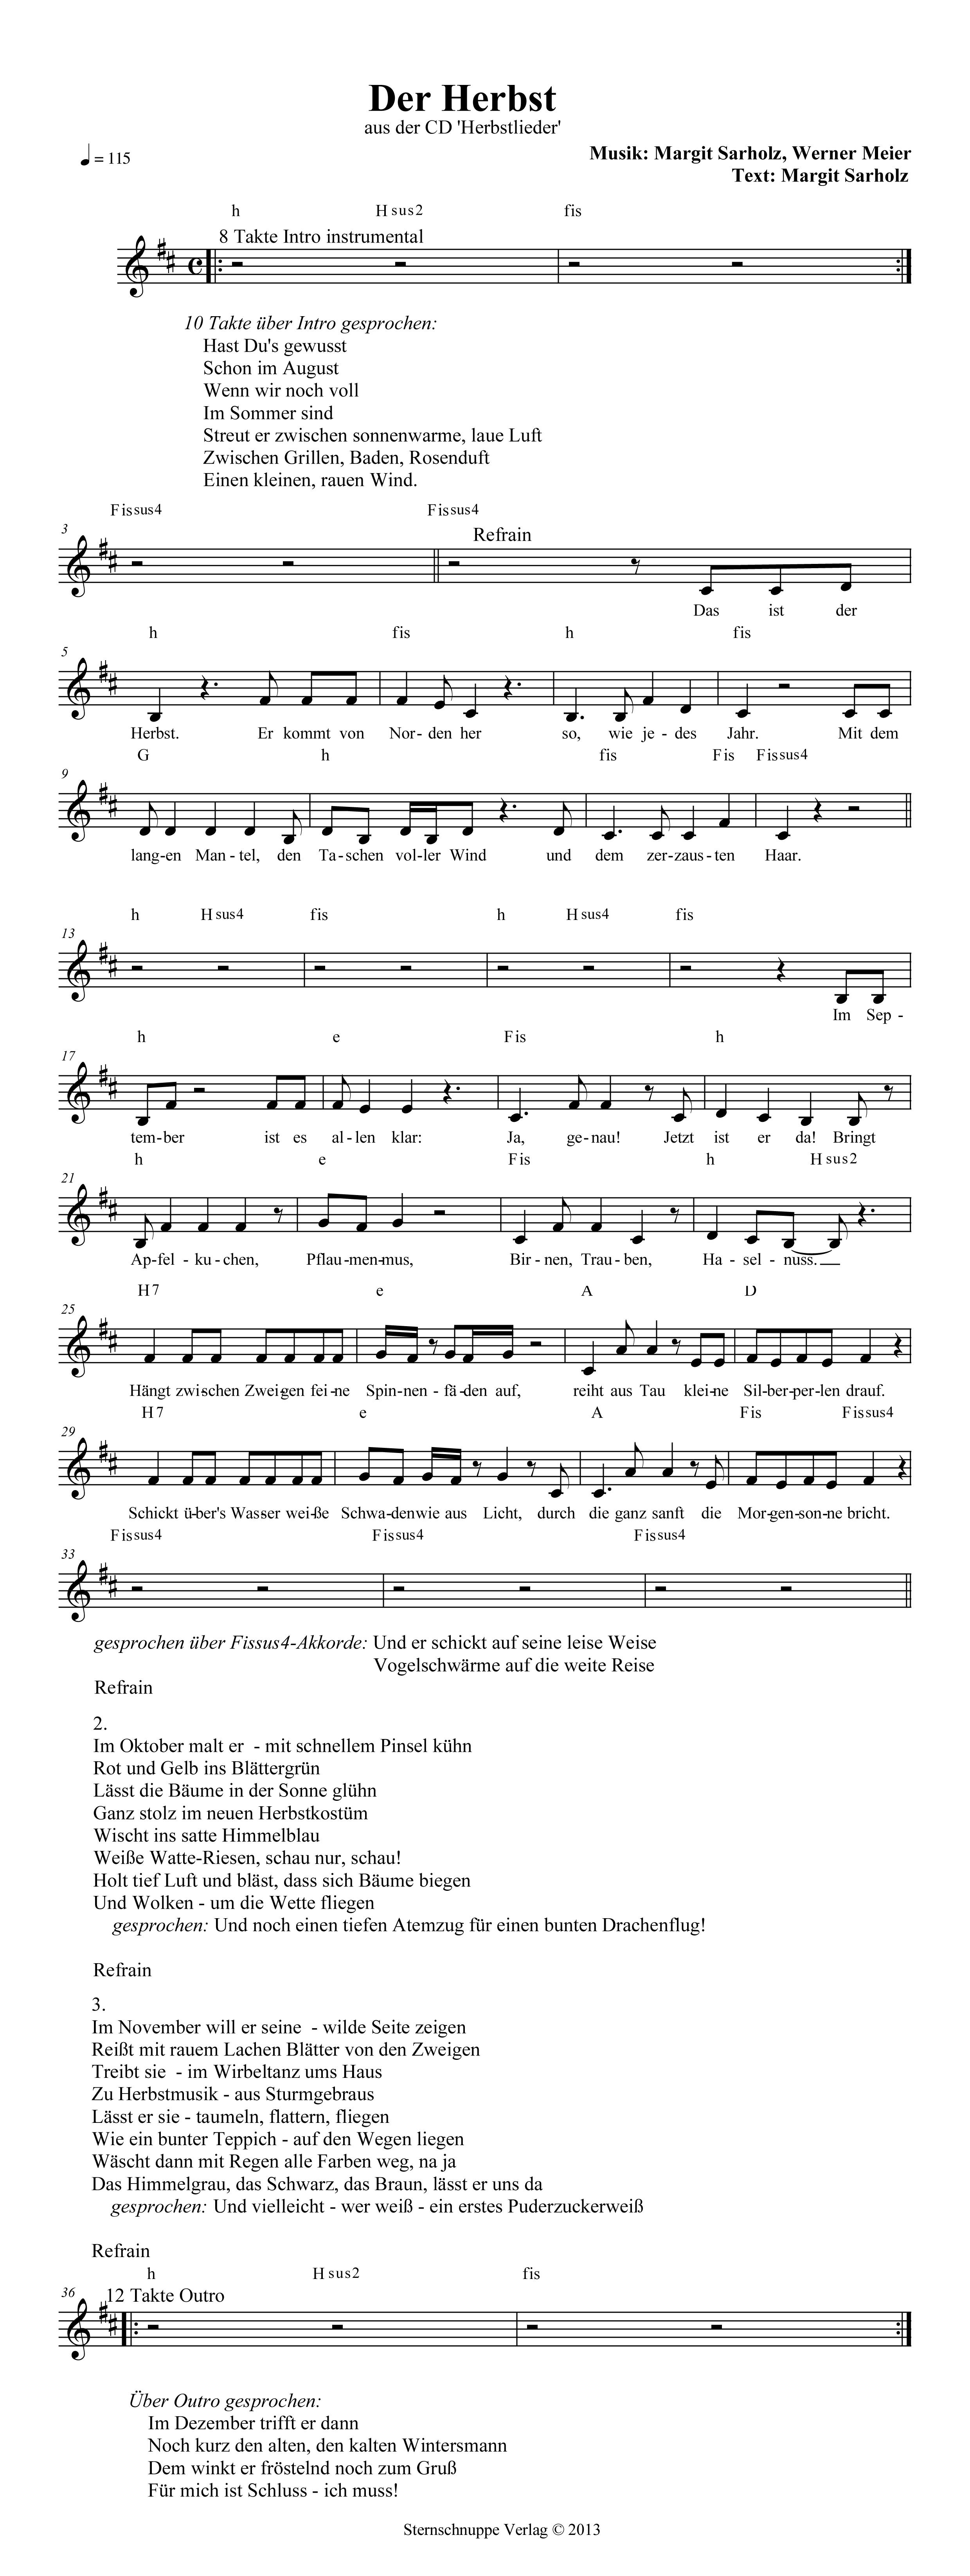 Text und akkorde im wind STIMMEN IM